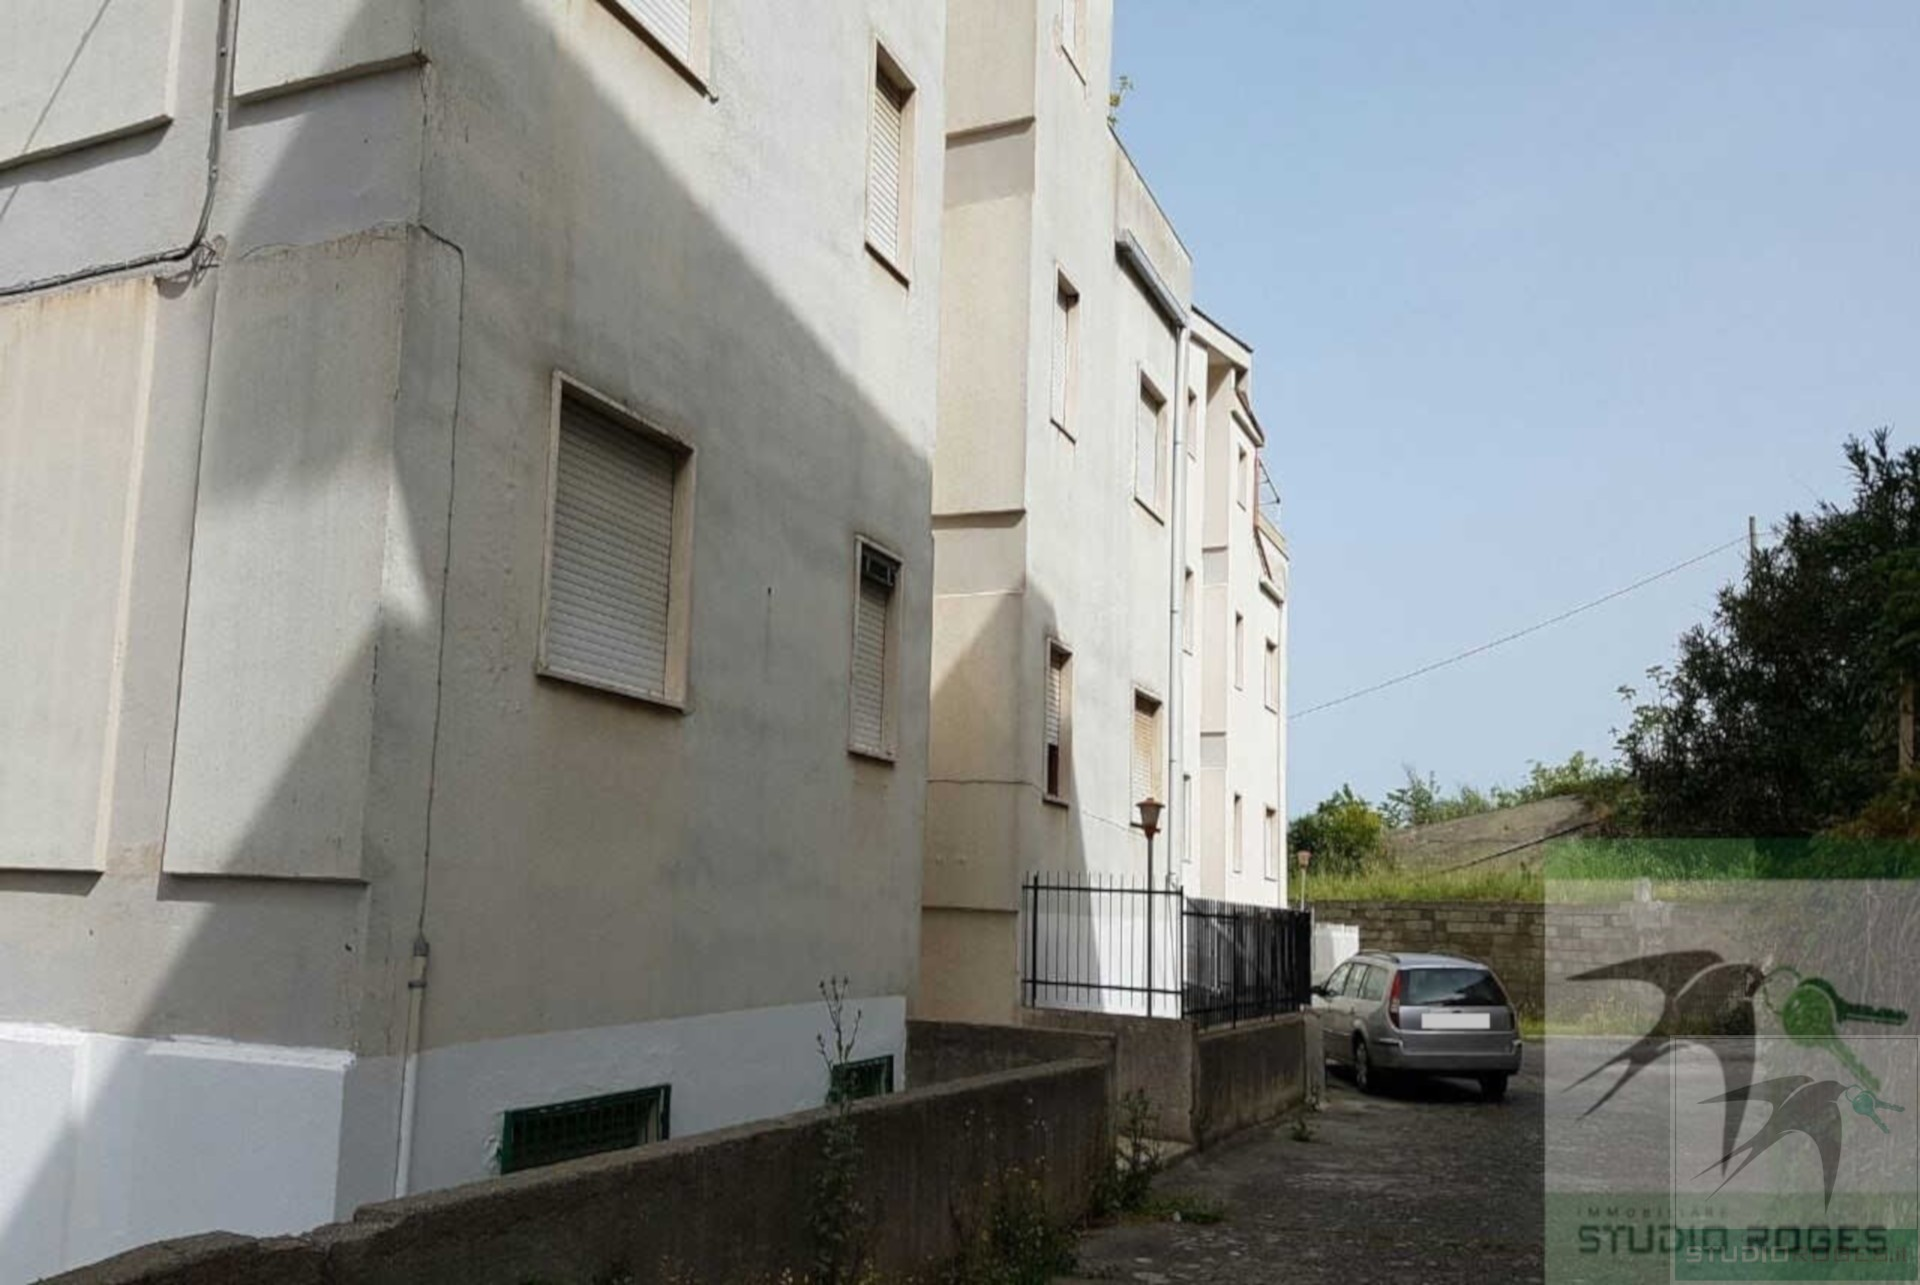 Appartamento in Vendita  - N. camere: 2 - - Costa tirrenica - Torremezzo (CS)